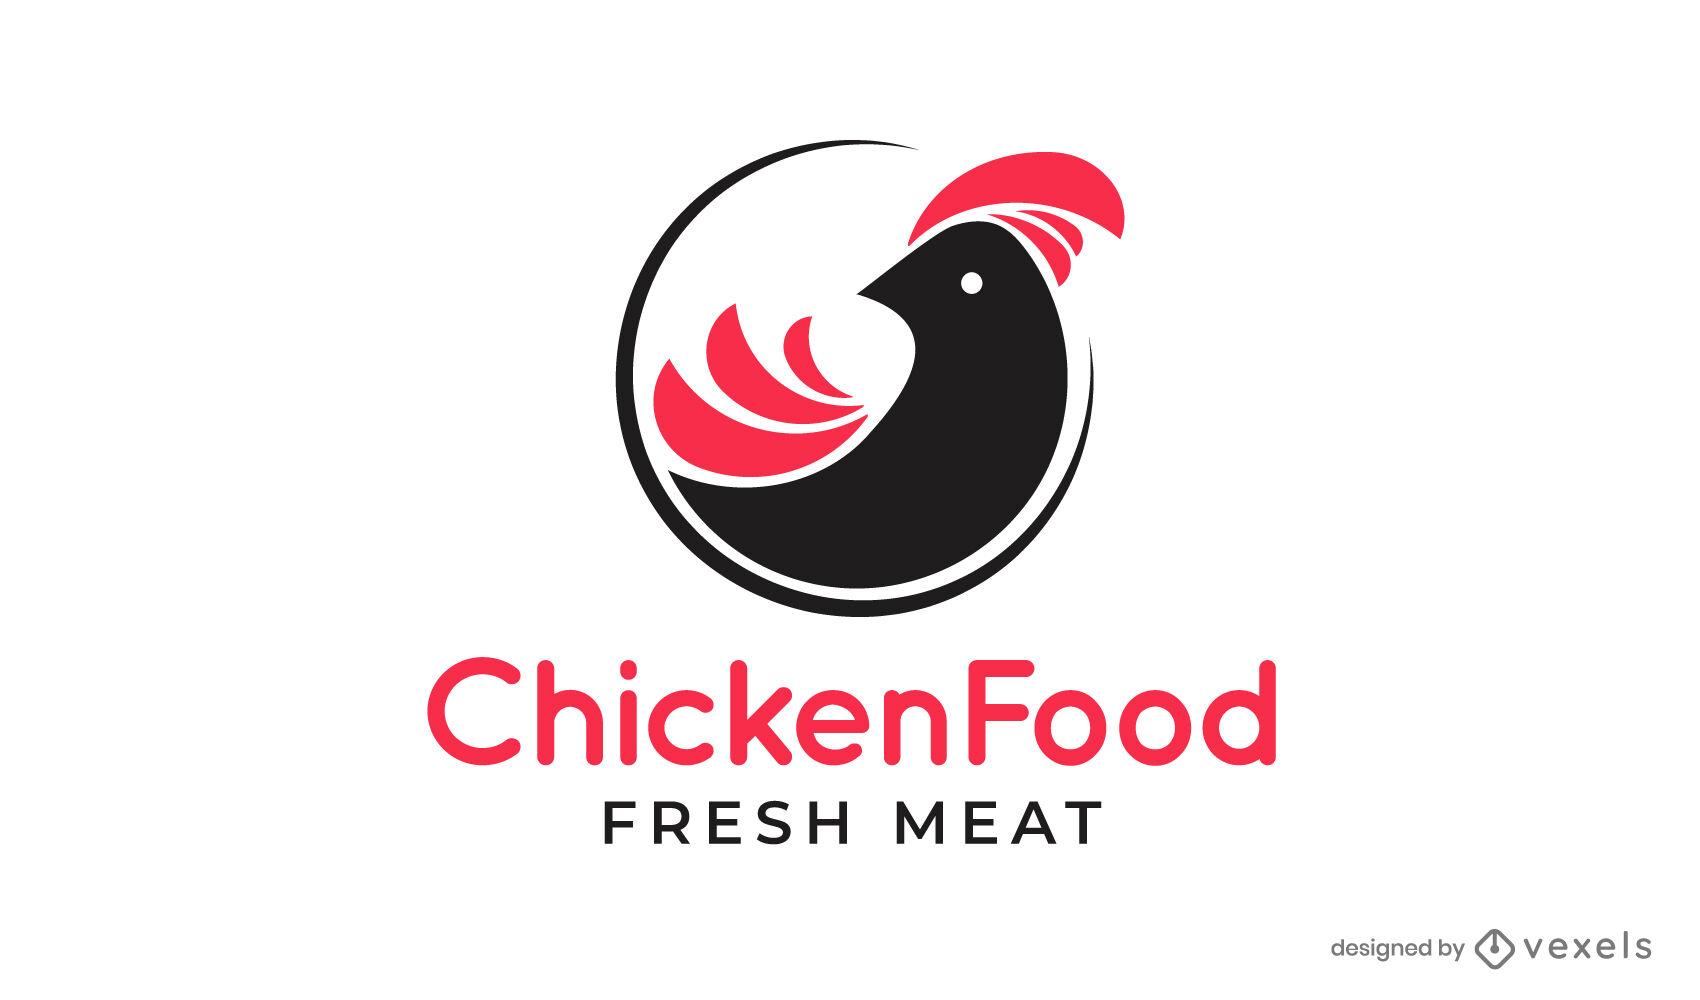 Projeto de logotipo recortado de ração animal para frango